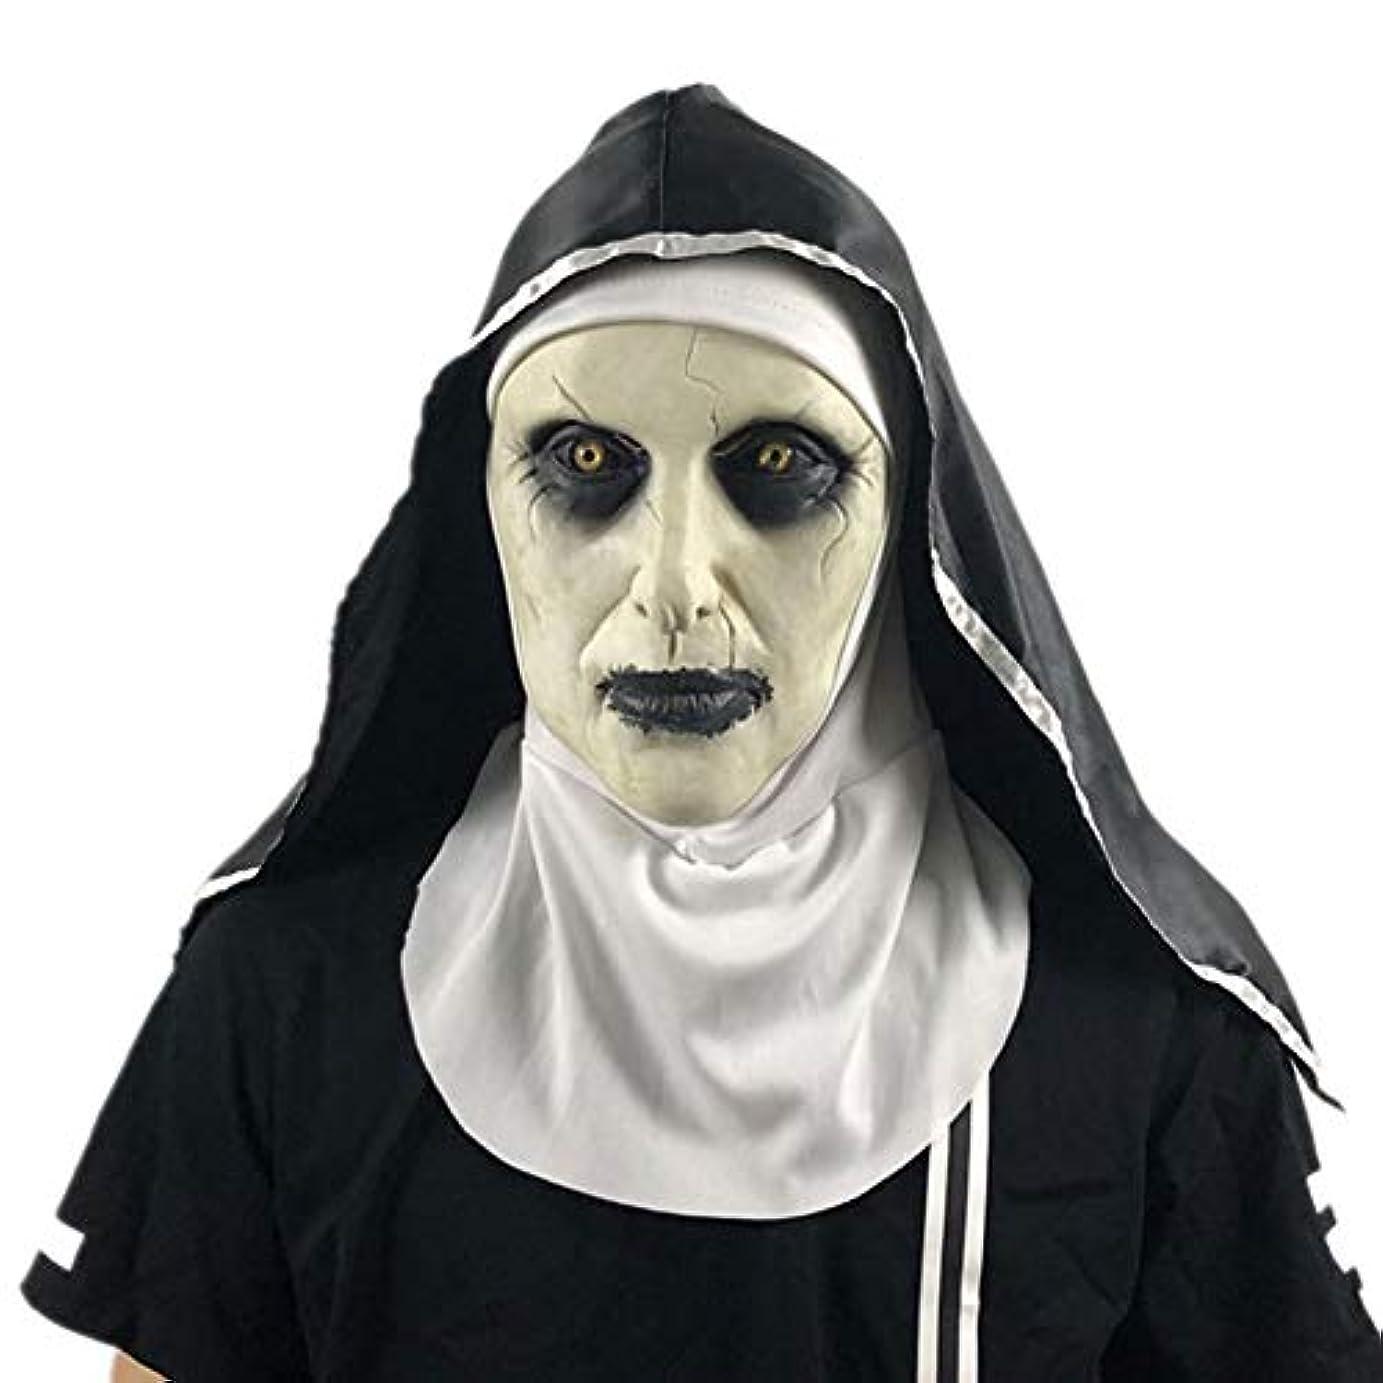 専門きょうだいピジンハロウィーンマスク、顔をしかめるラテックスマスク、テーマパーティー、コスチュームボール、カーニバル、ハロウィーン、レイブパーティー、仮面舞踏会などに適しています。